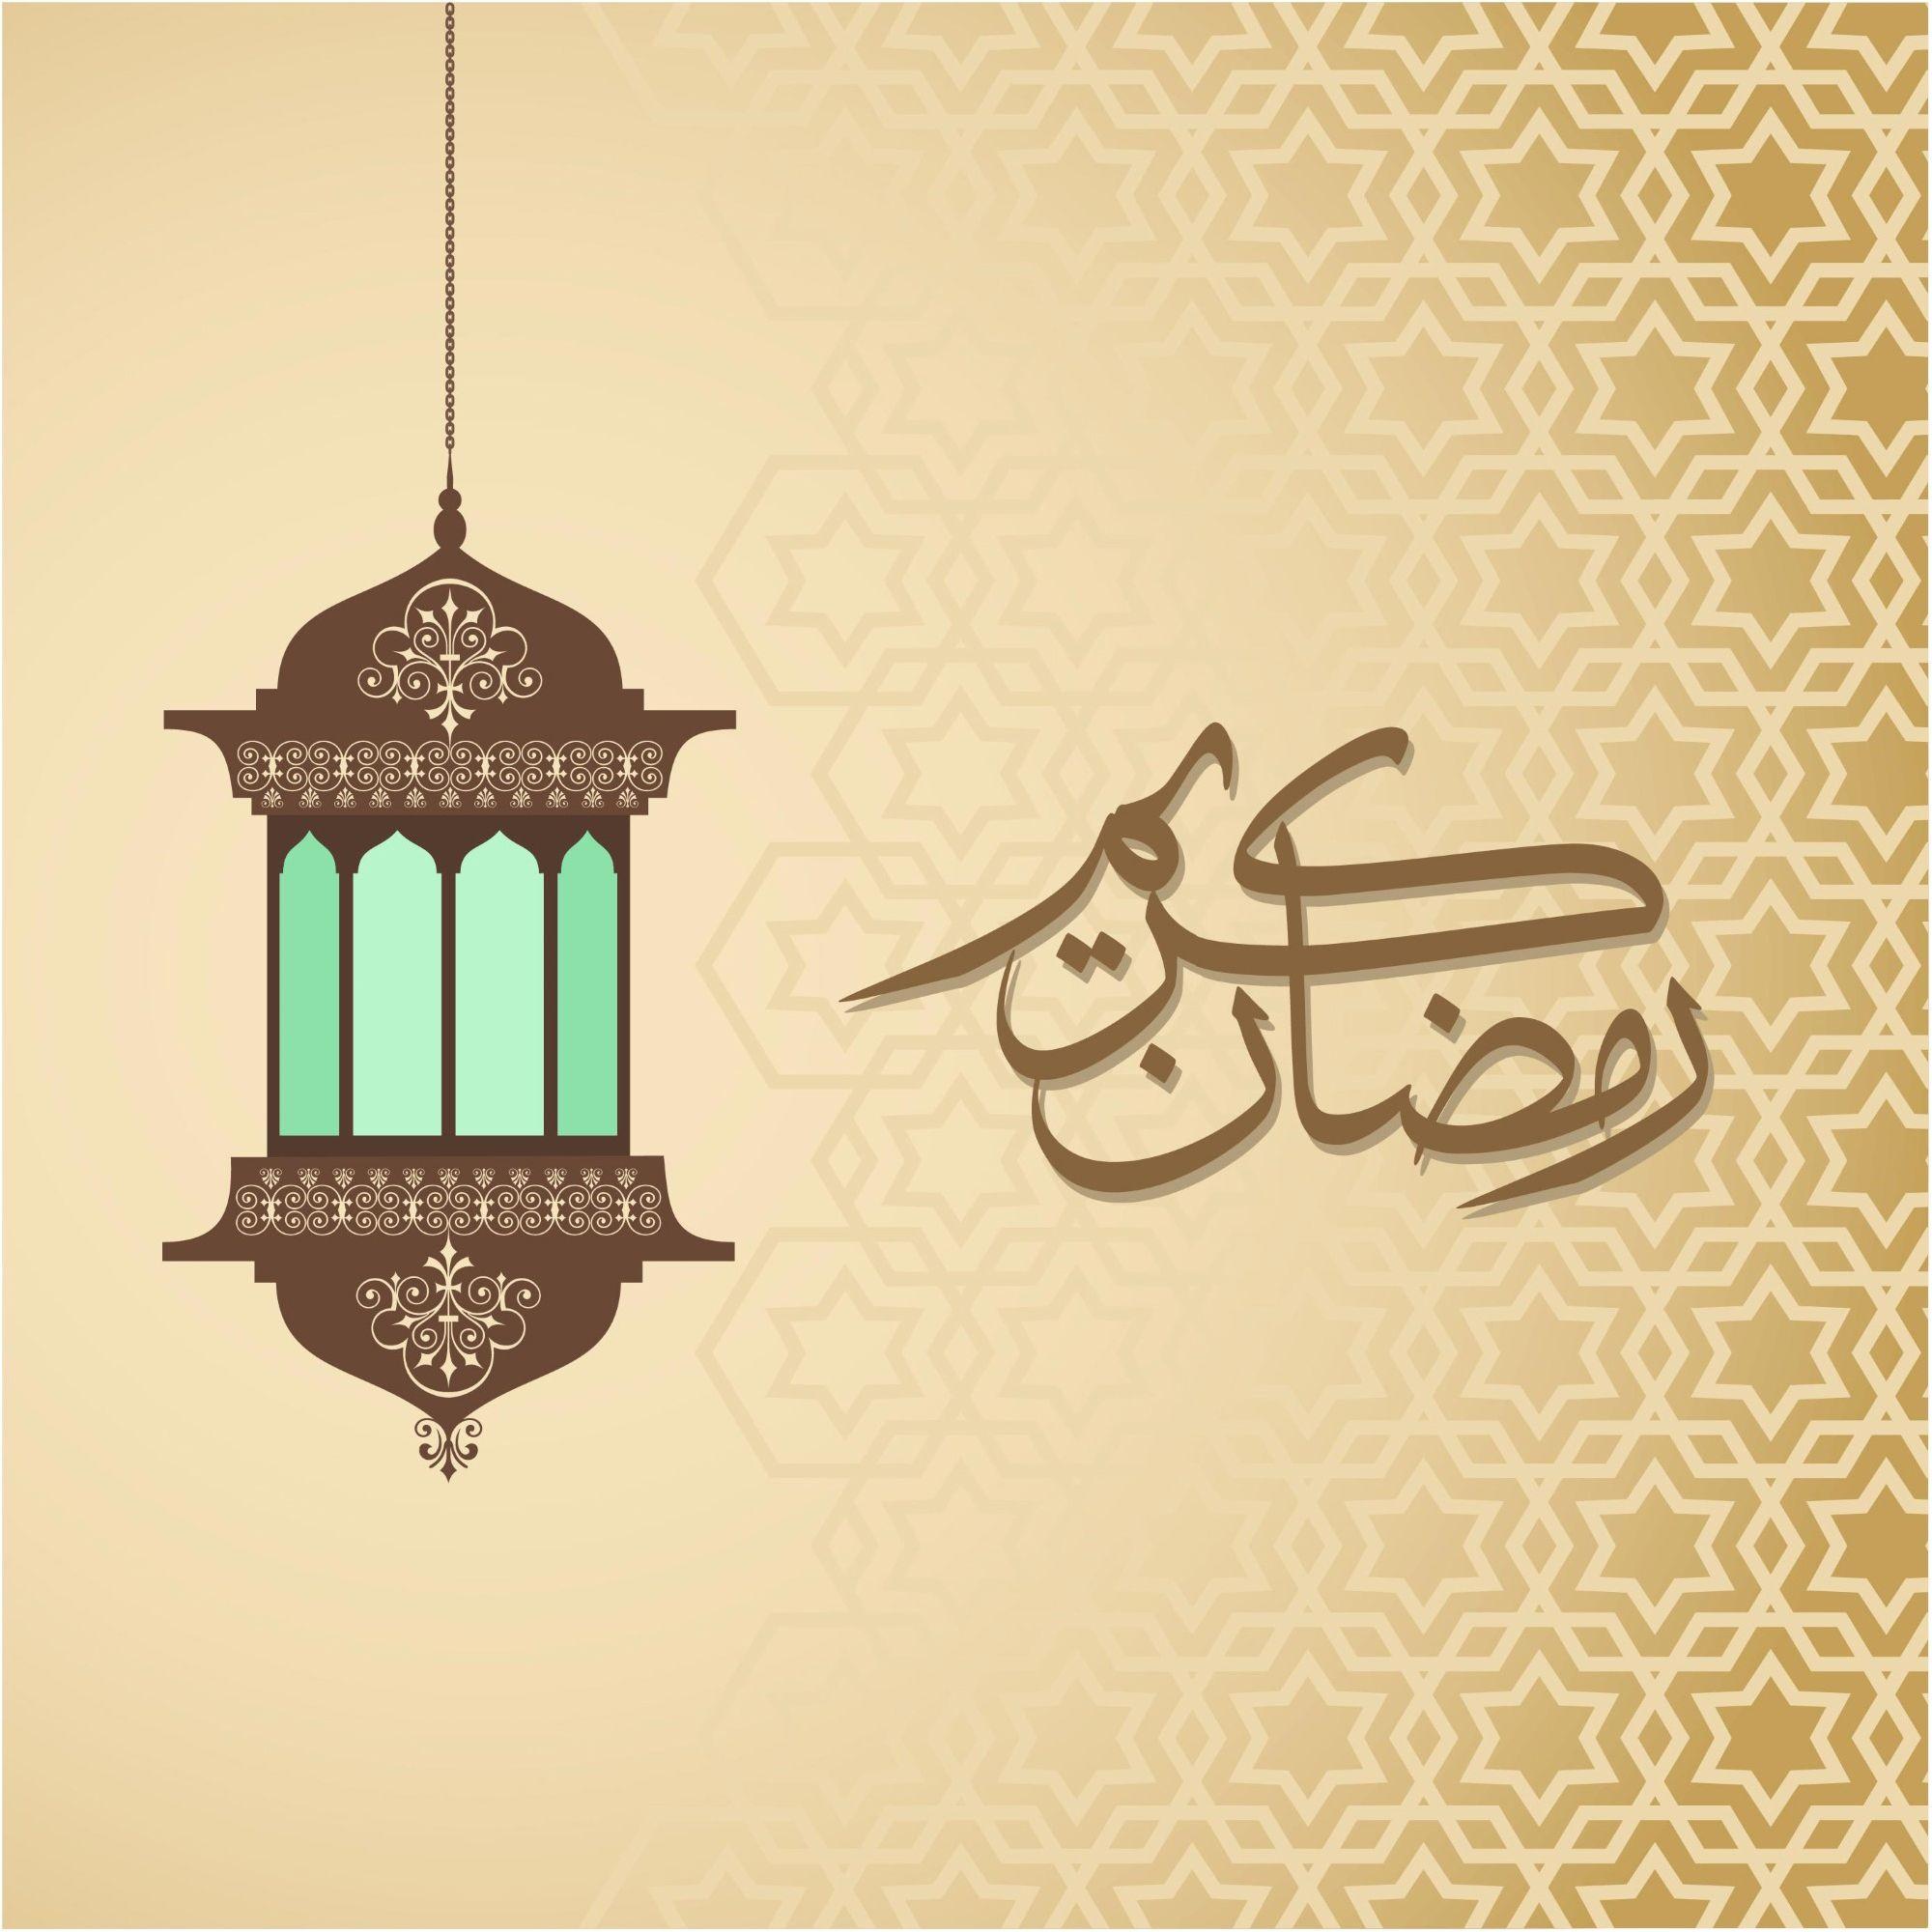 Ramadan Kareem Green Lantern Background Http Www Cgvector Com S Ramadan Ramadan Background Ramadan Greetings Ramadan Cards